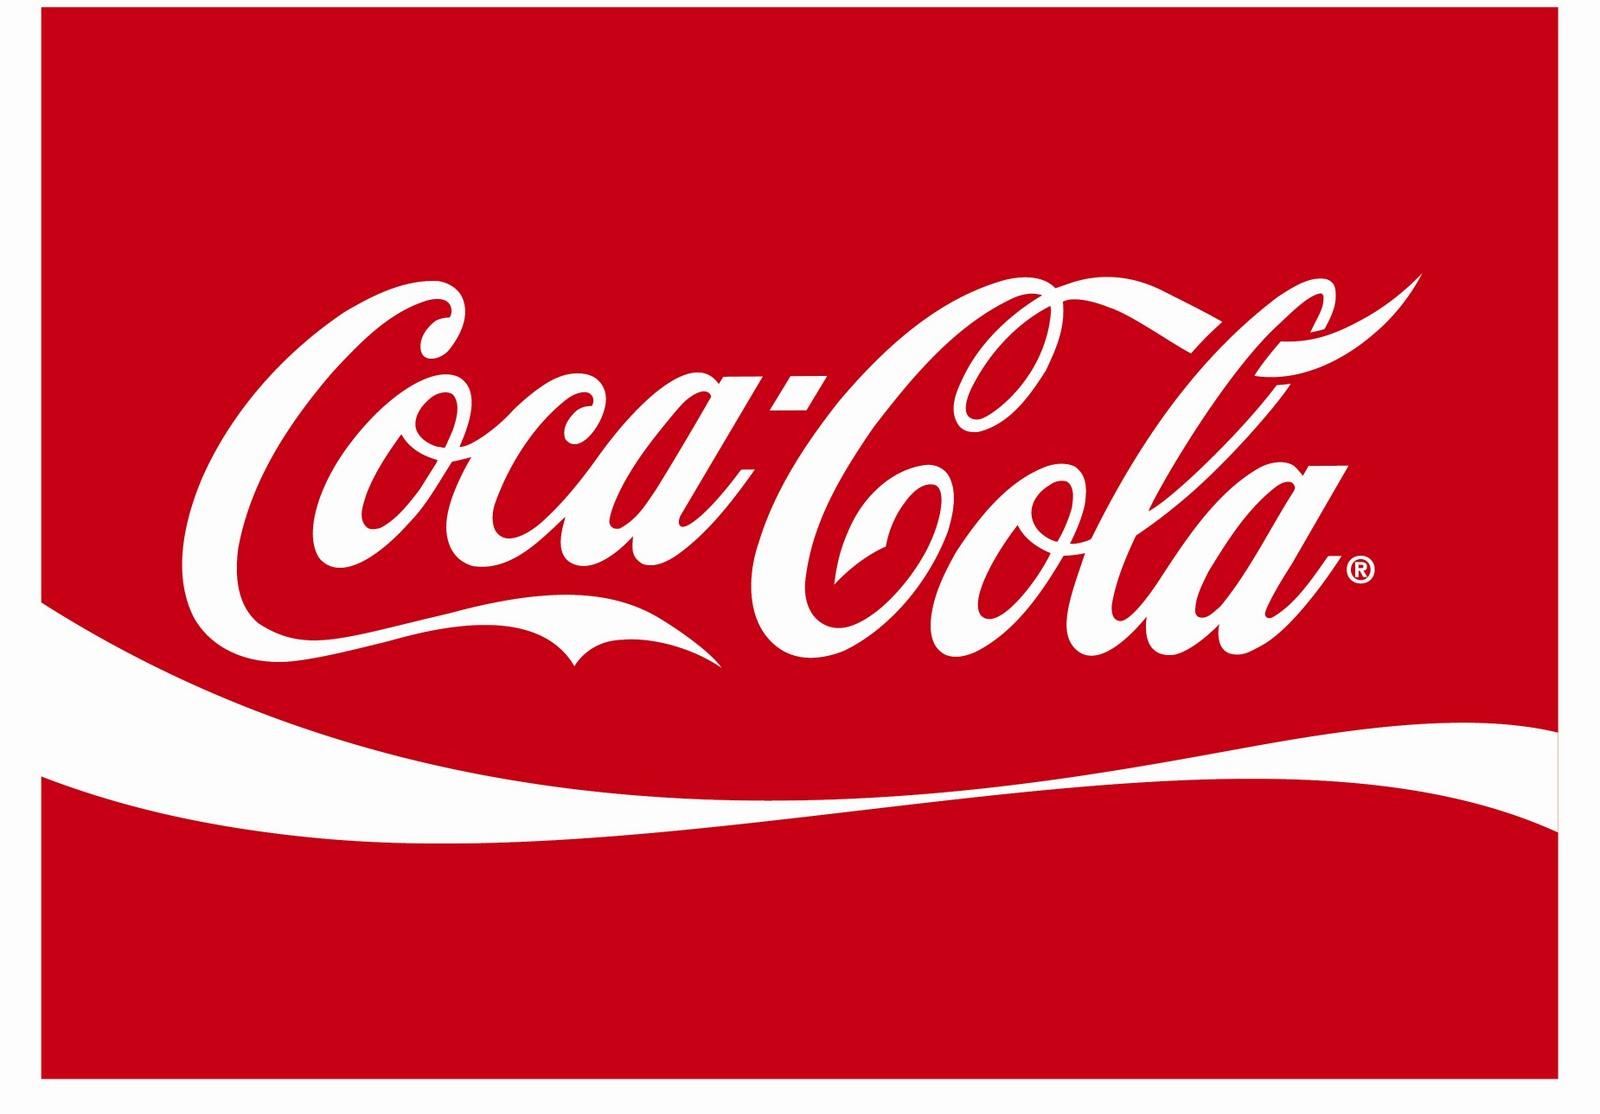 Coca-Cola'yı 'Fanta' İçerek Protesto Etti